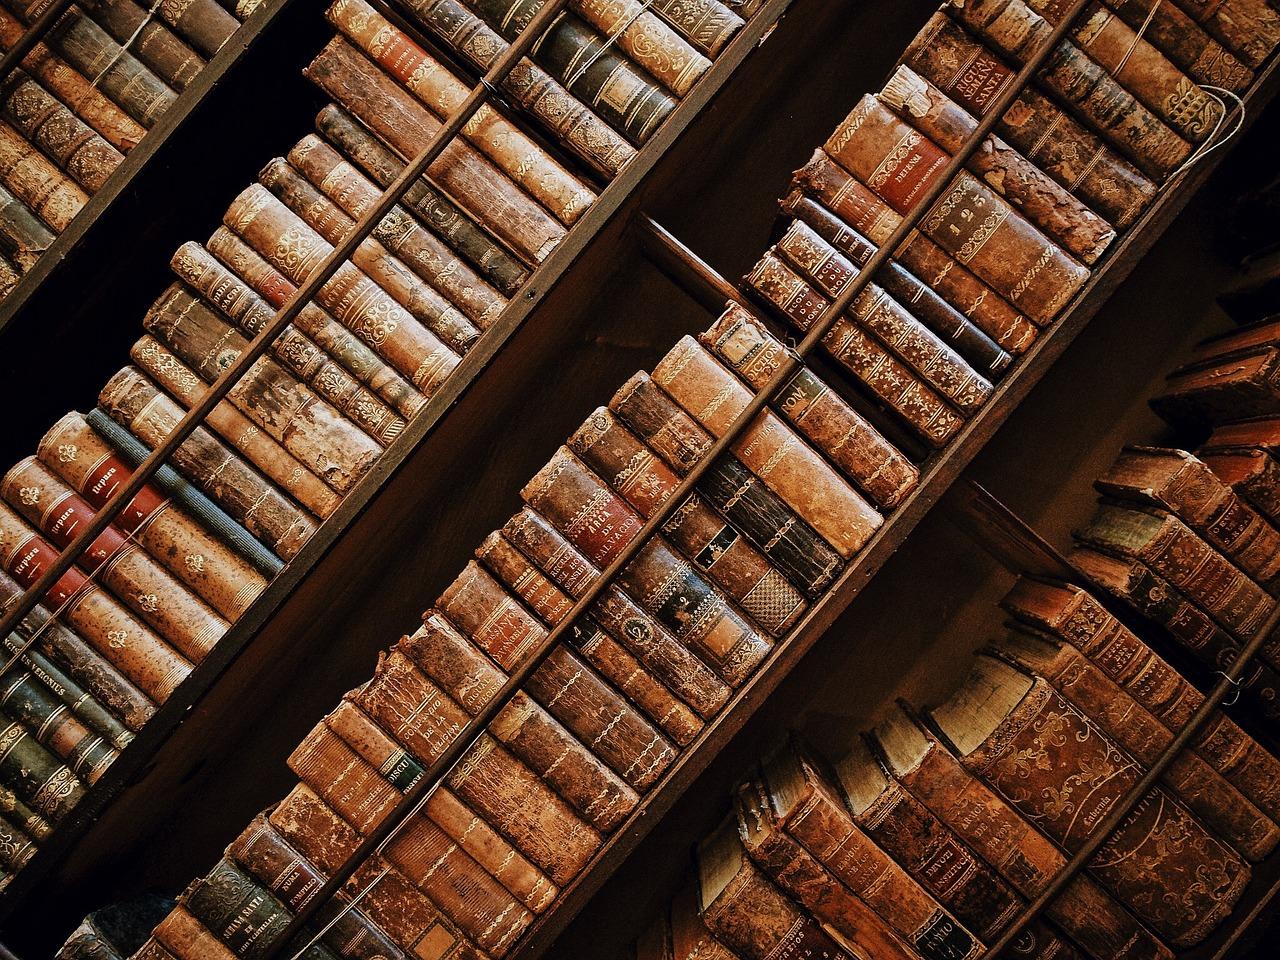 books-1866844_1280.jpg